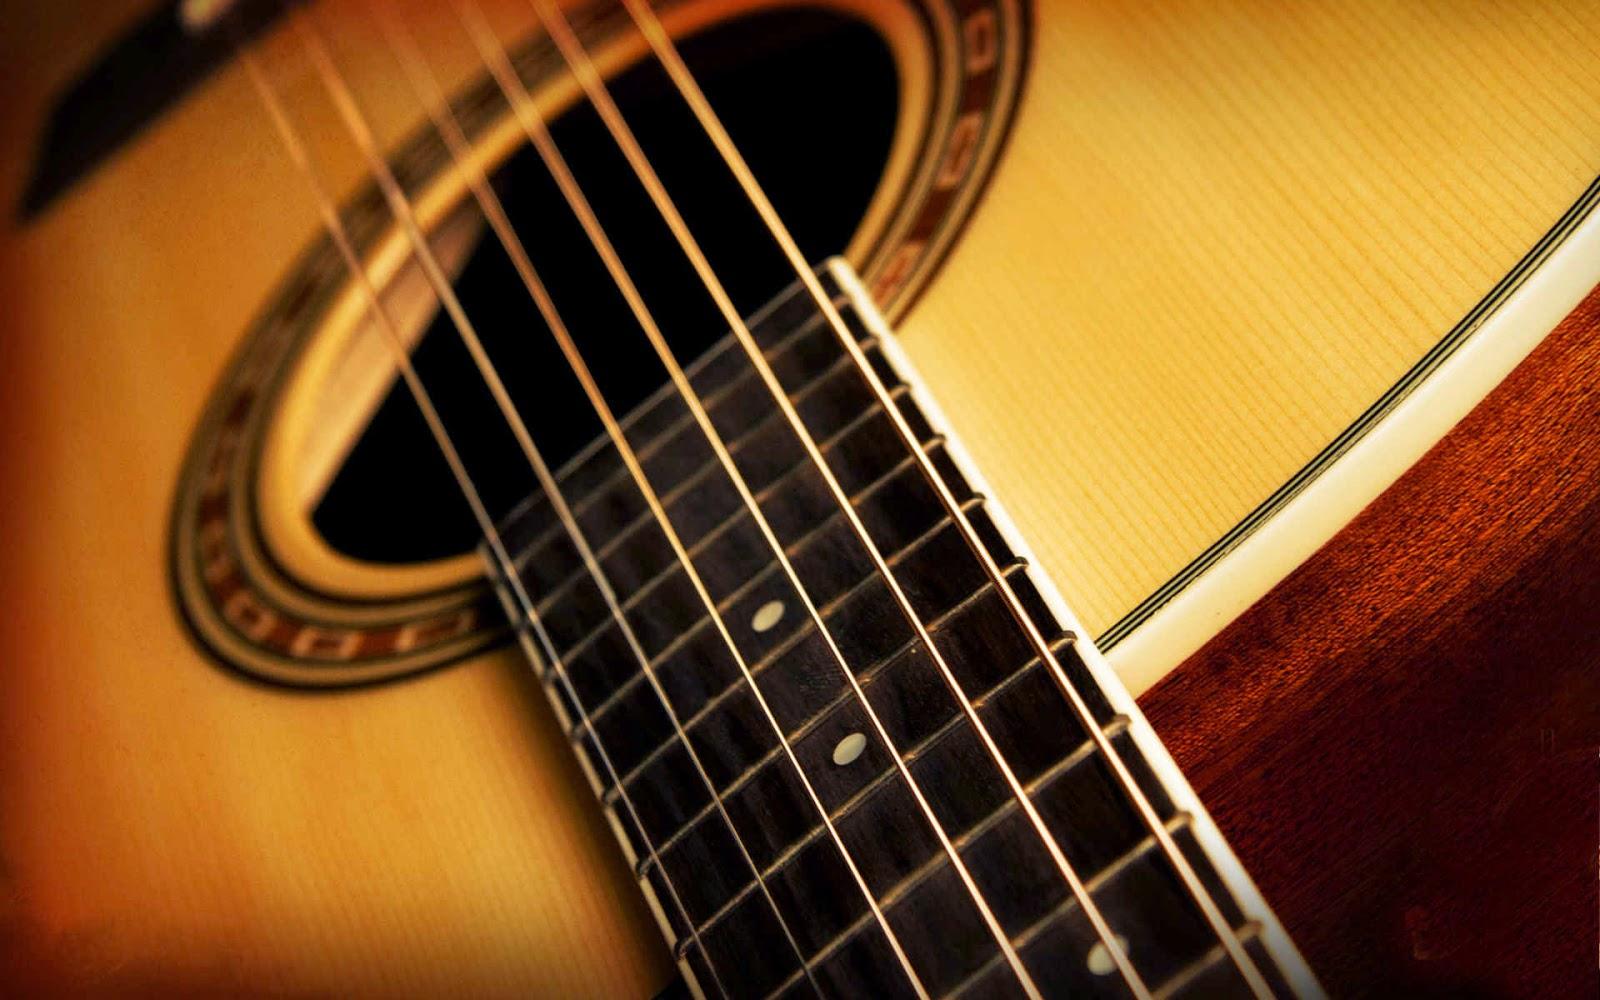 Acoustic Guitar Wallpaper HD - WallpaperSafari